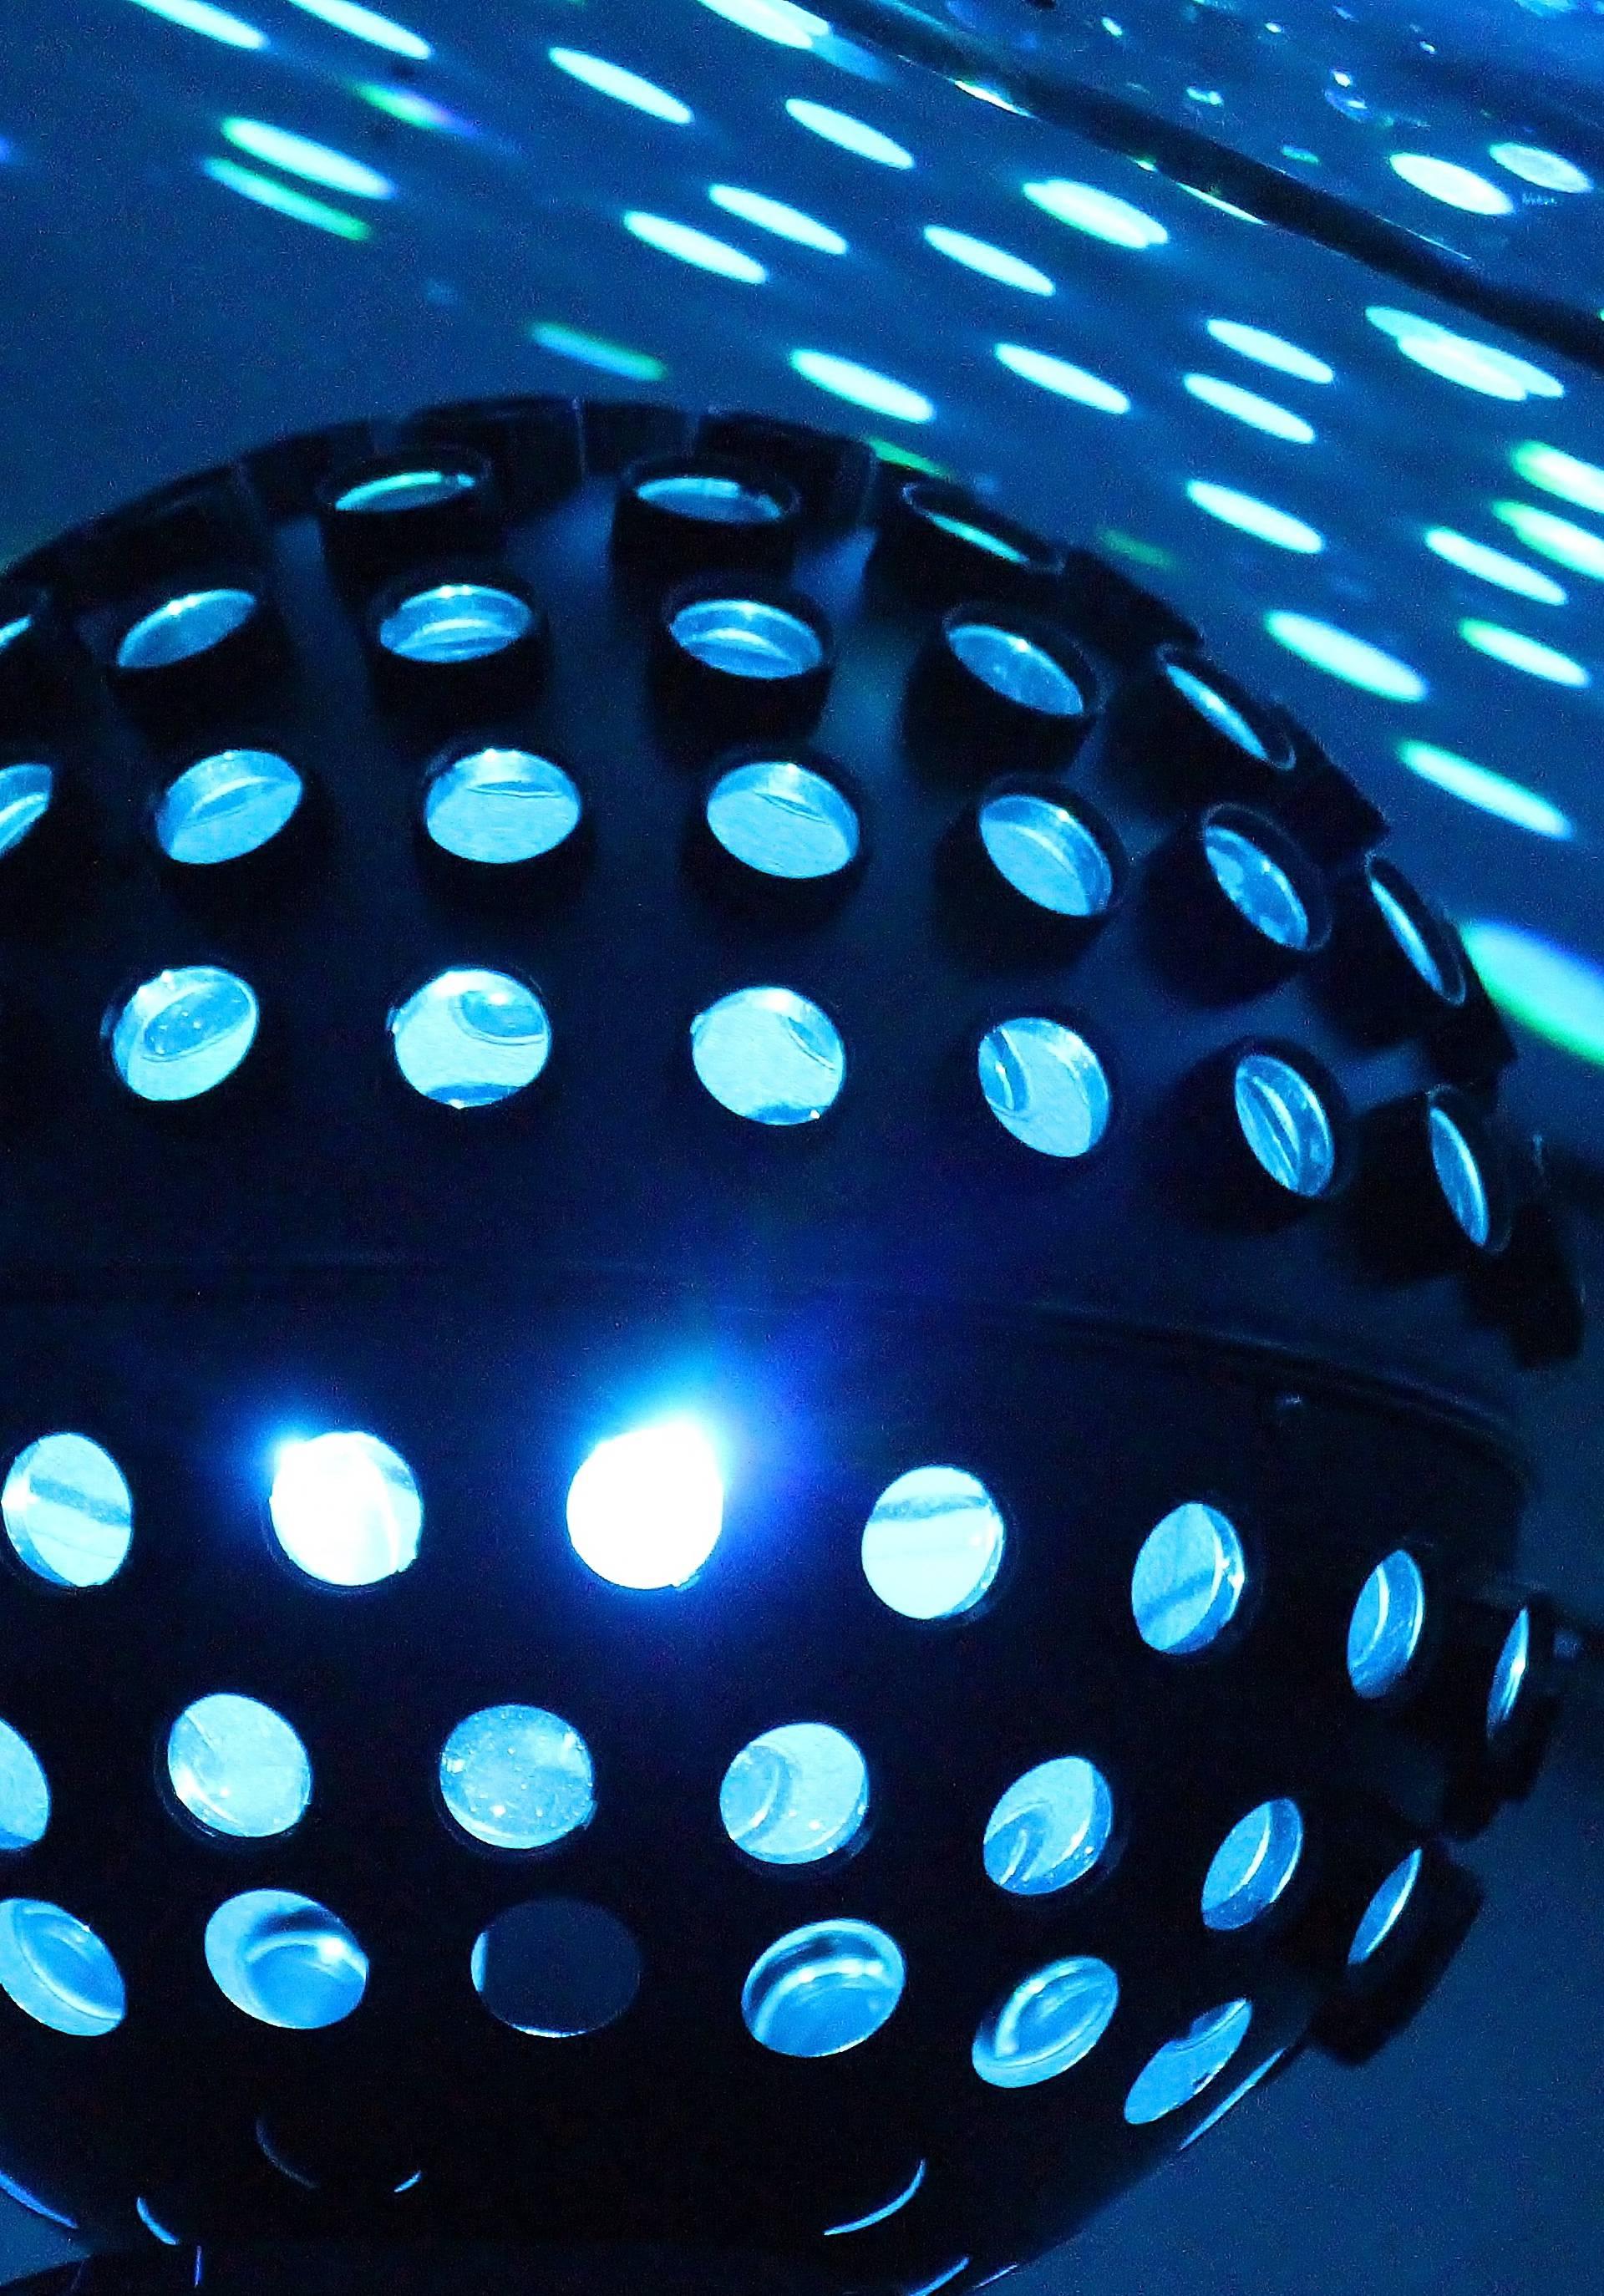 Saten i šljokice bili su glavni dodatak na ludom disco podiju